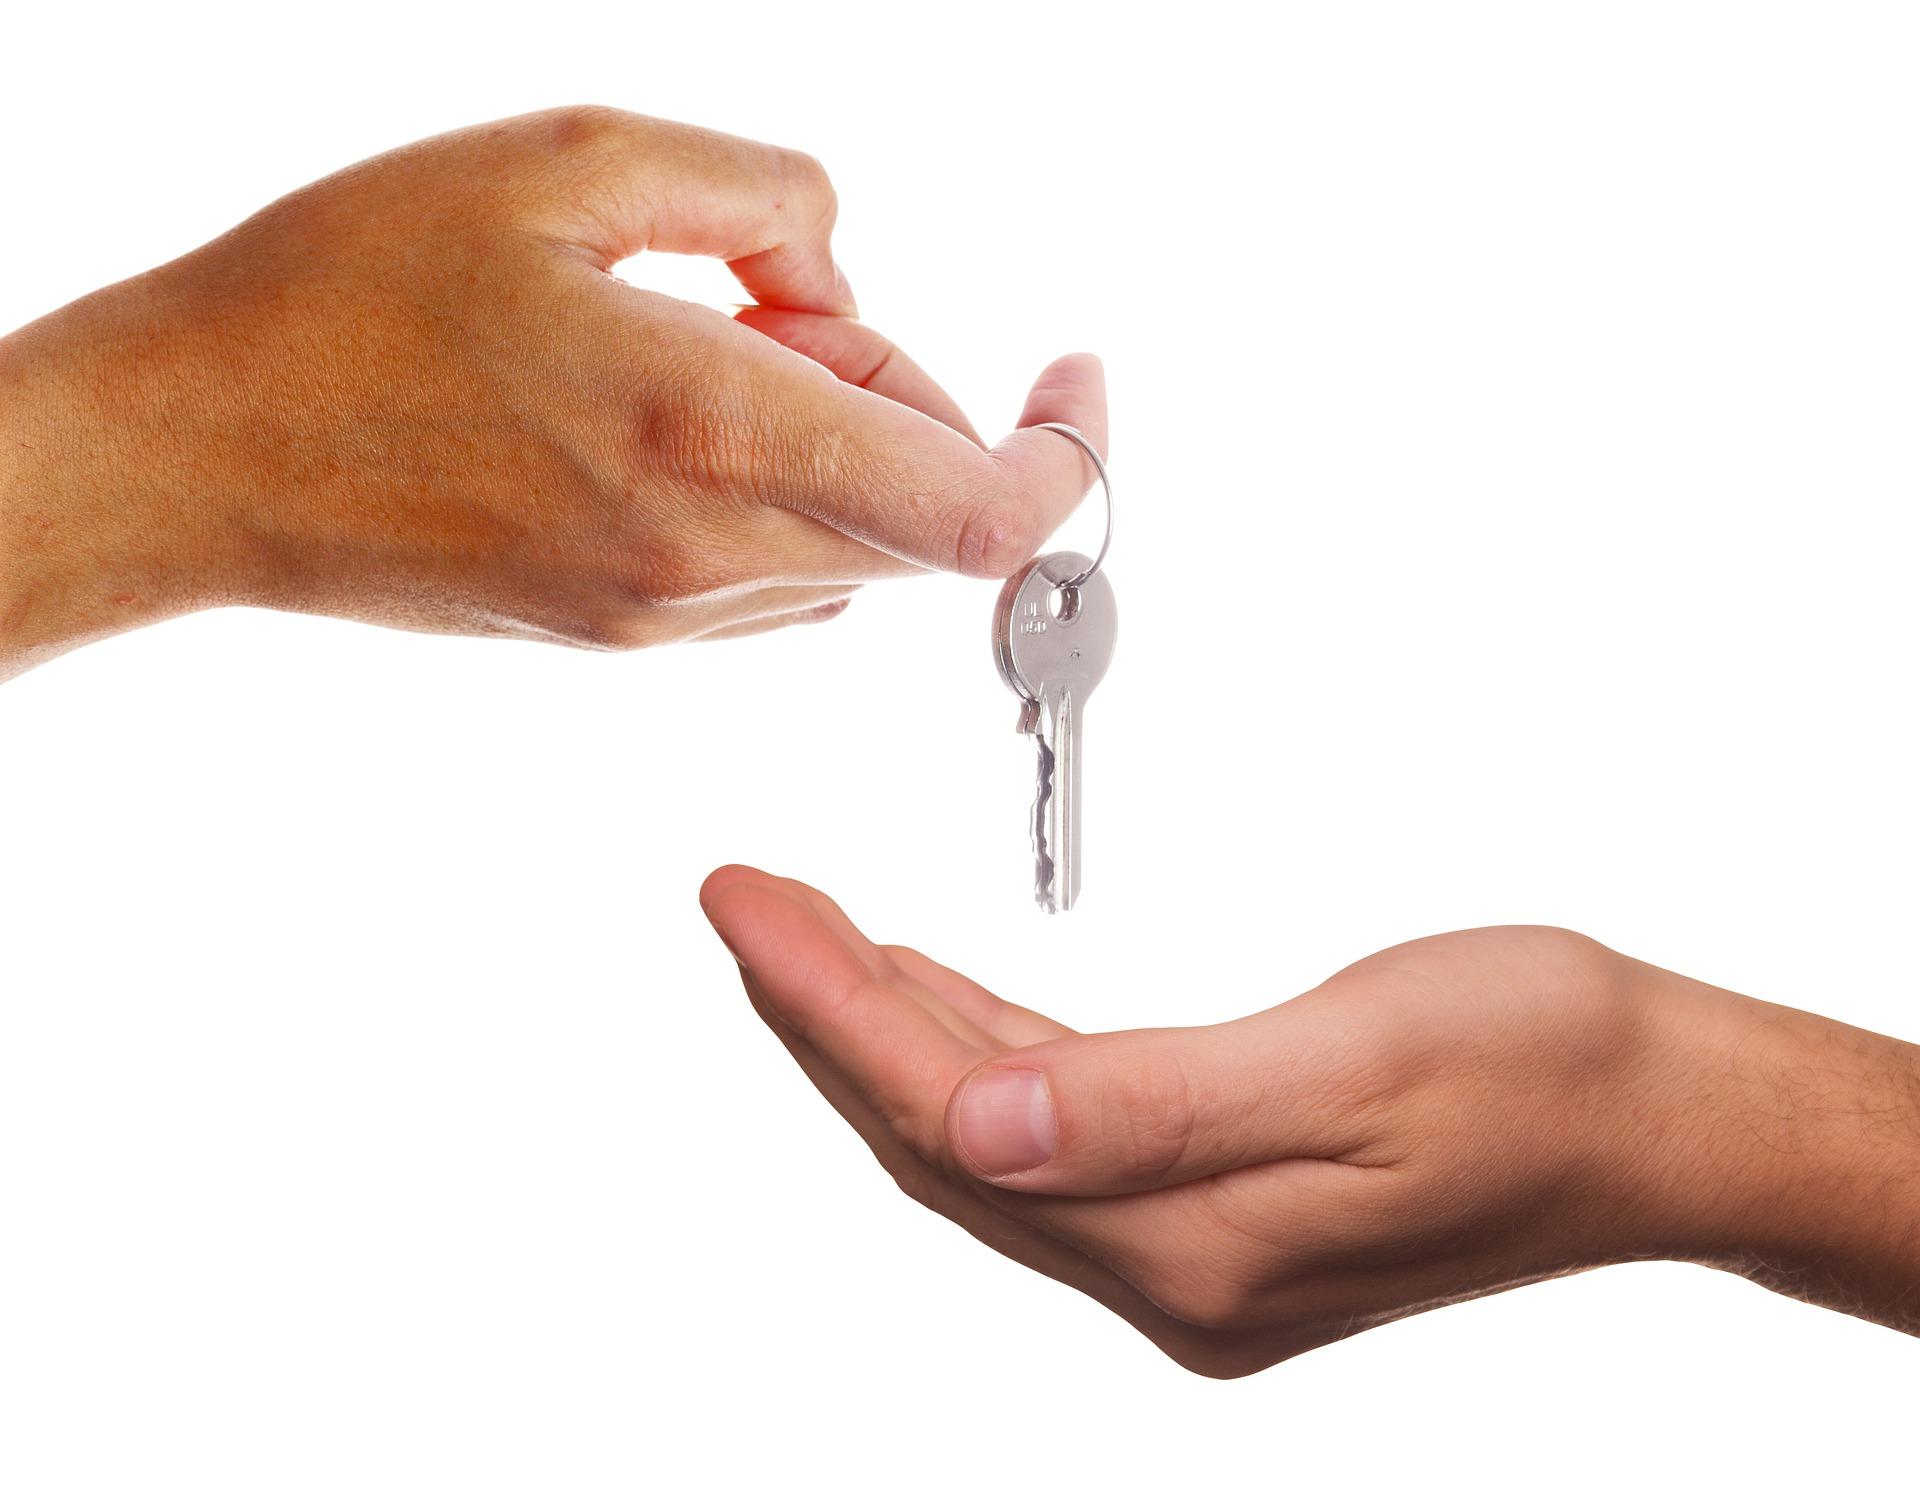 vente d appartement de particulier à particulier